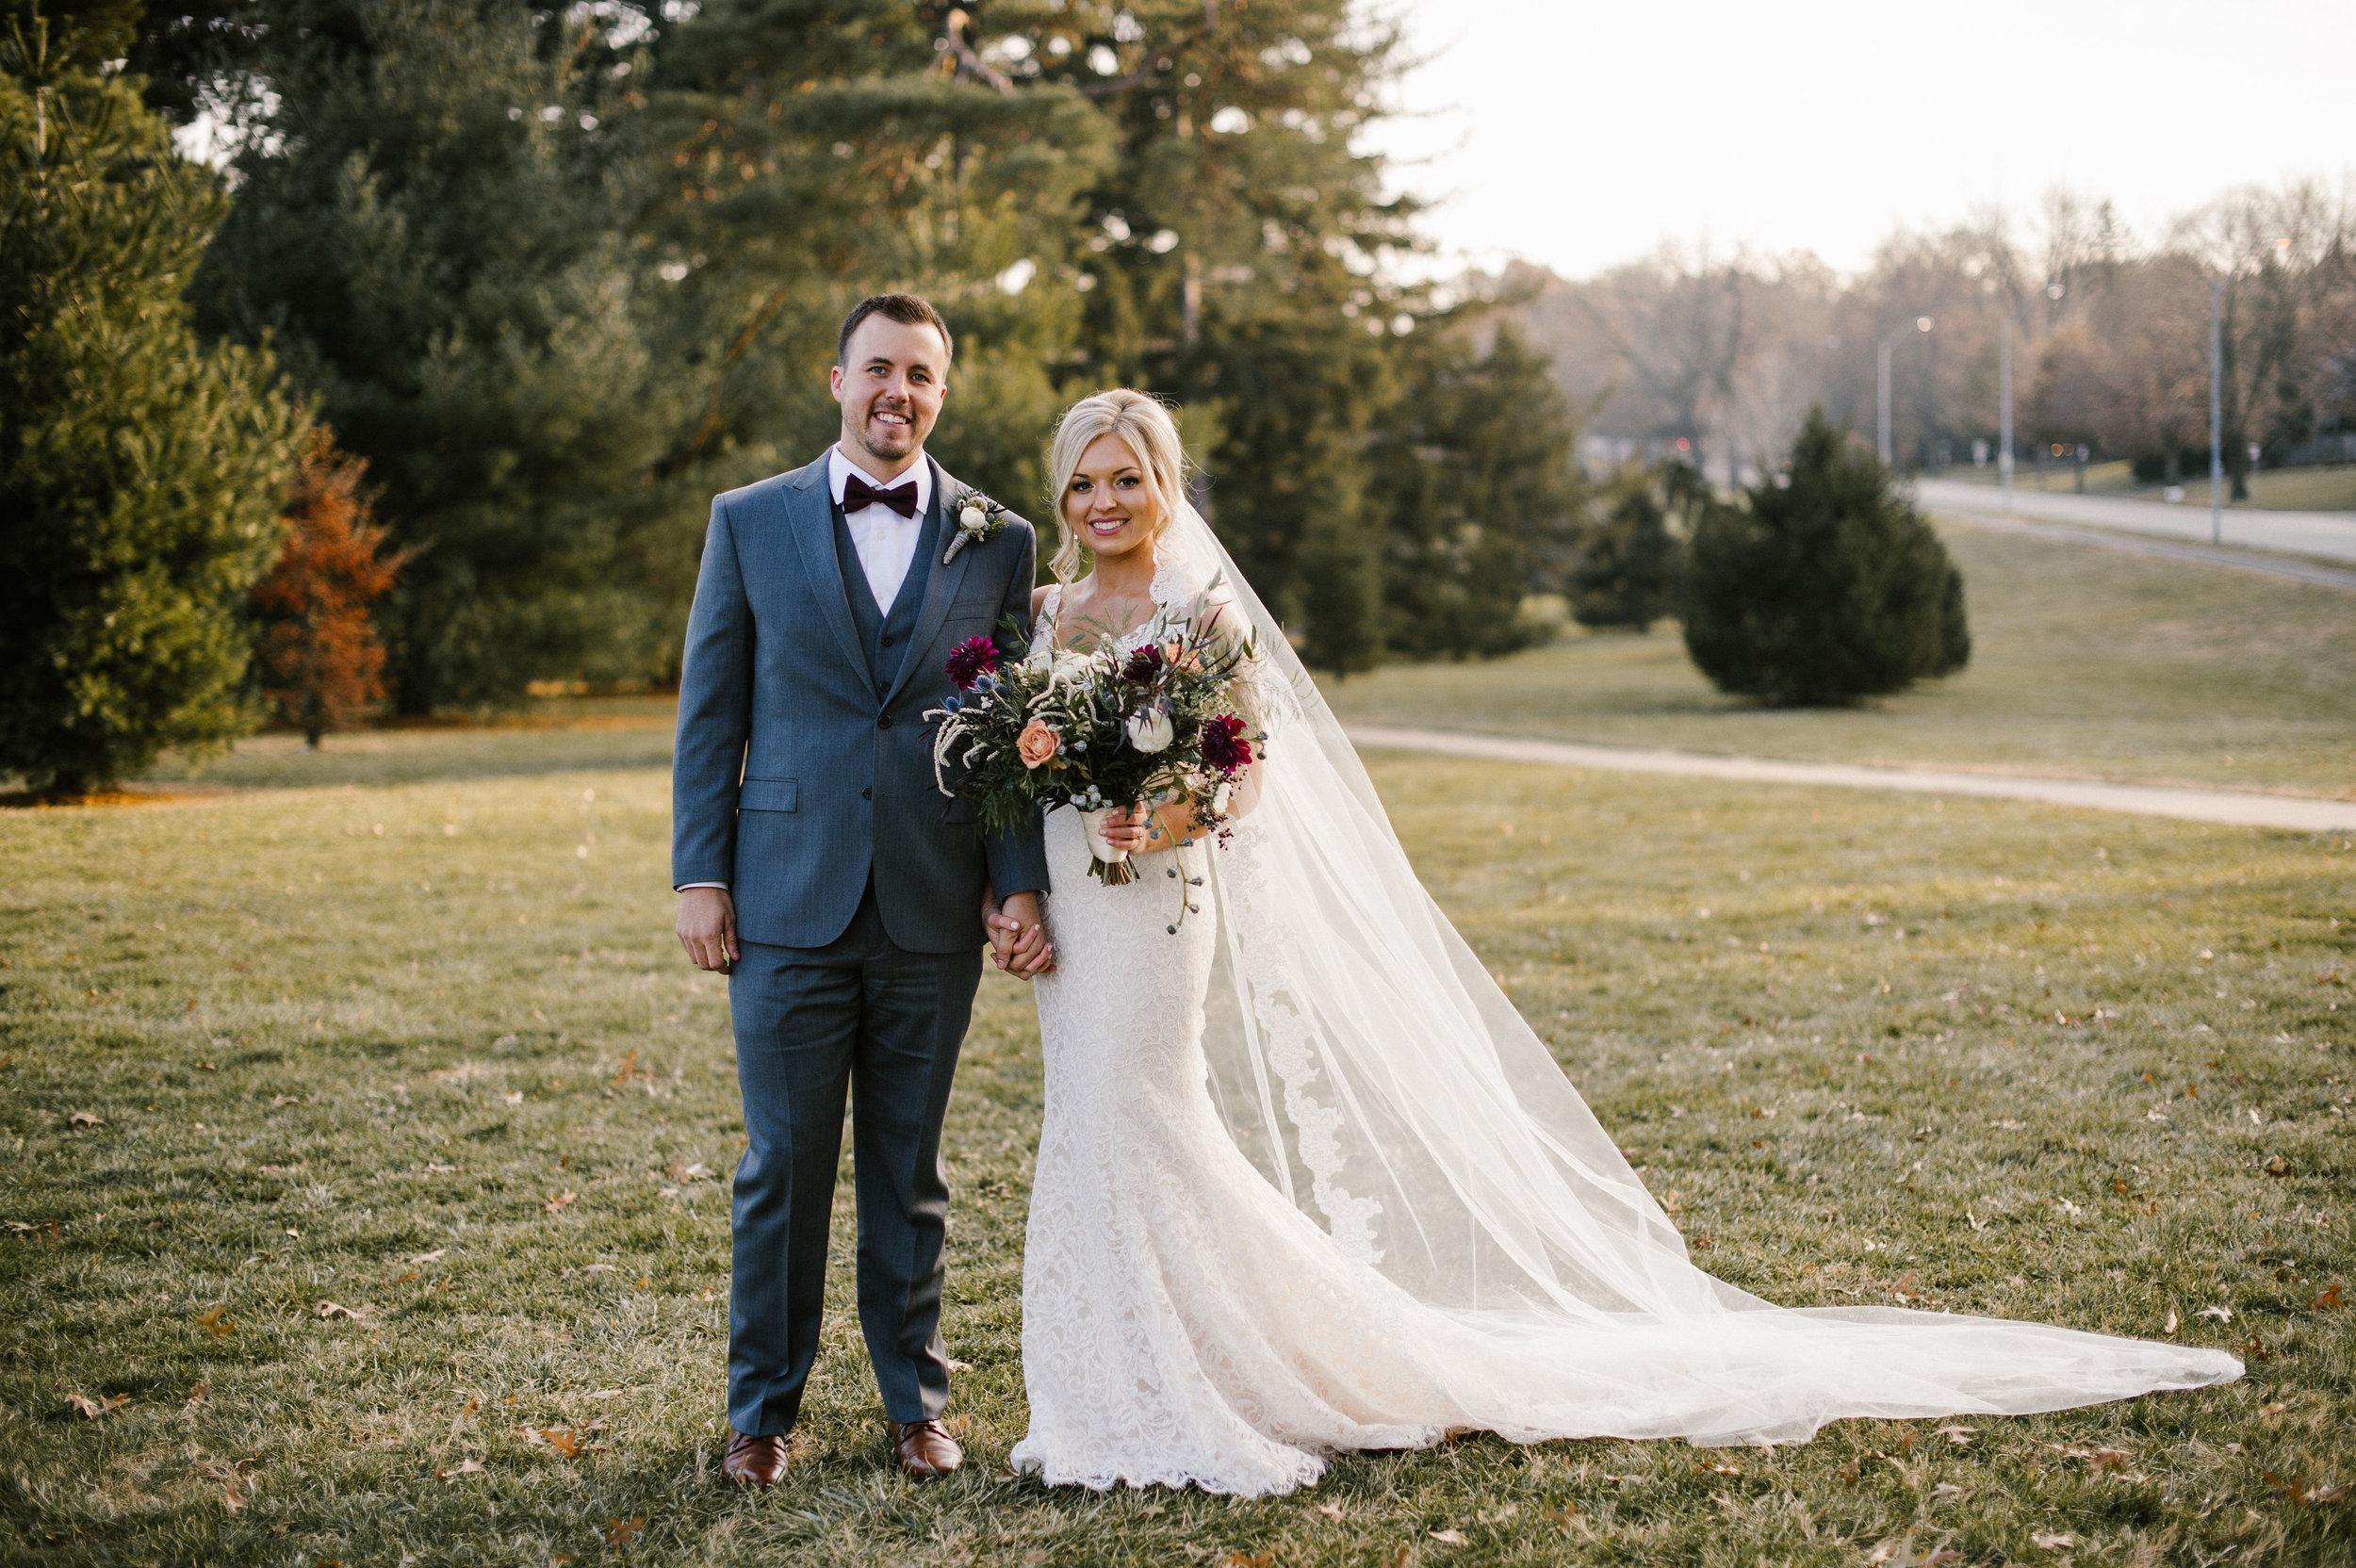 Monphotography Wedding Photos